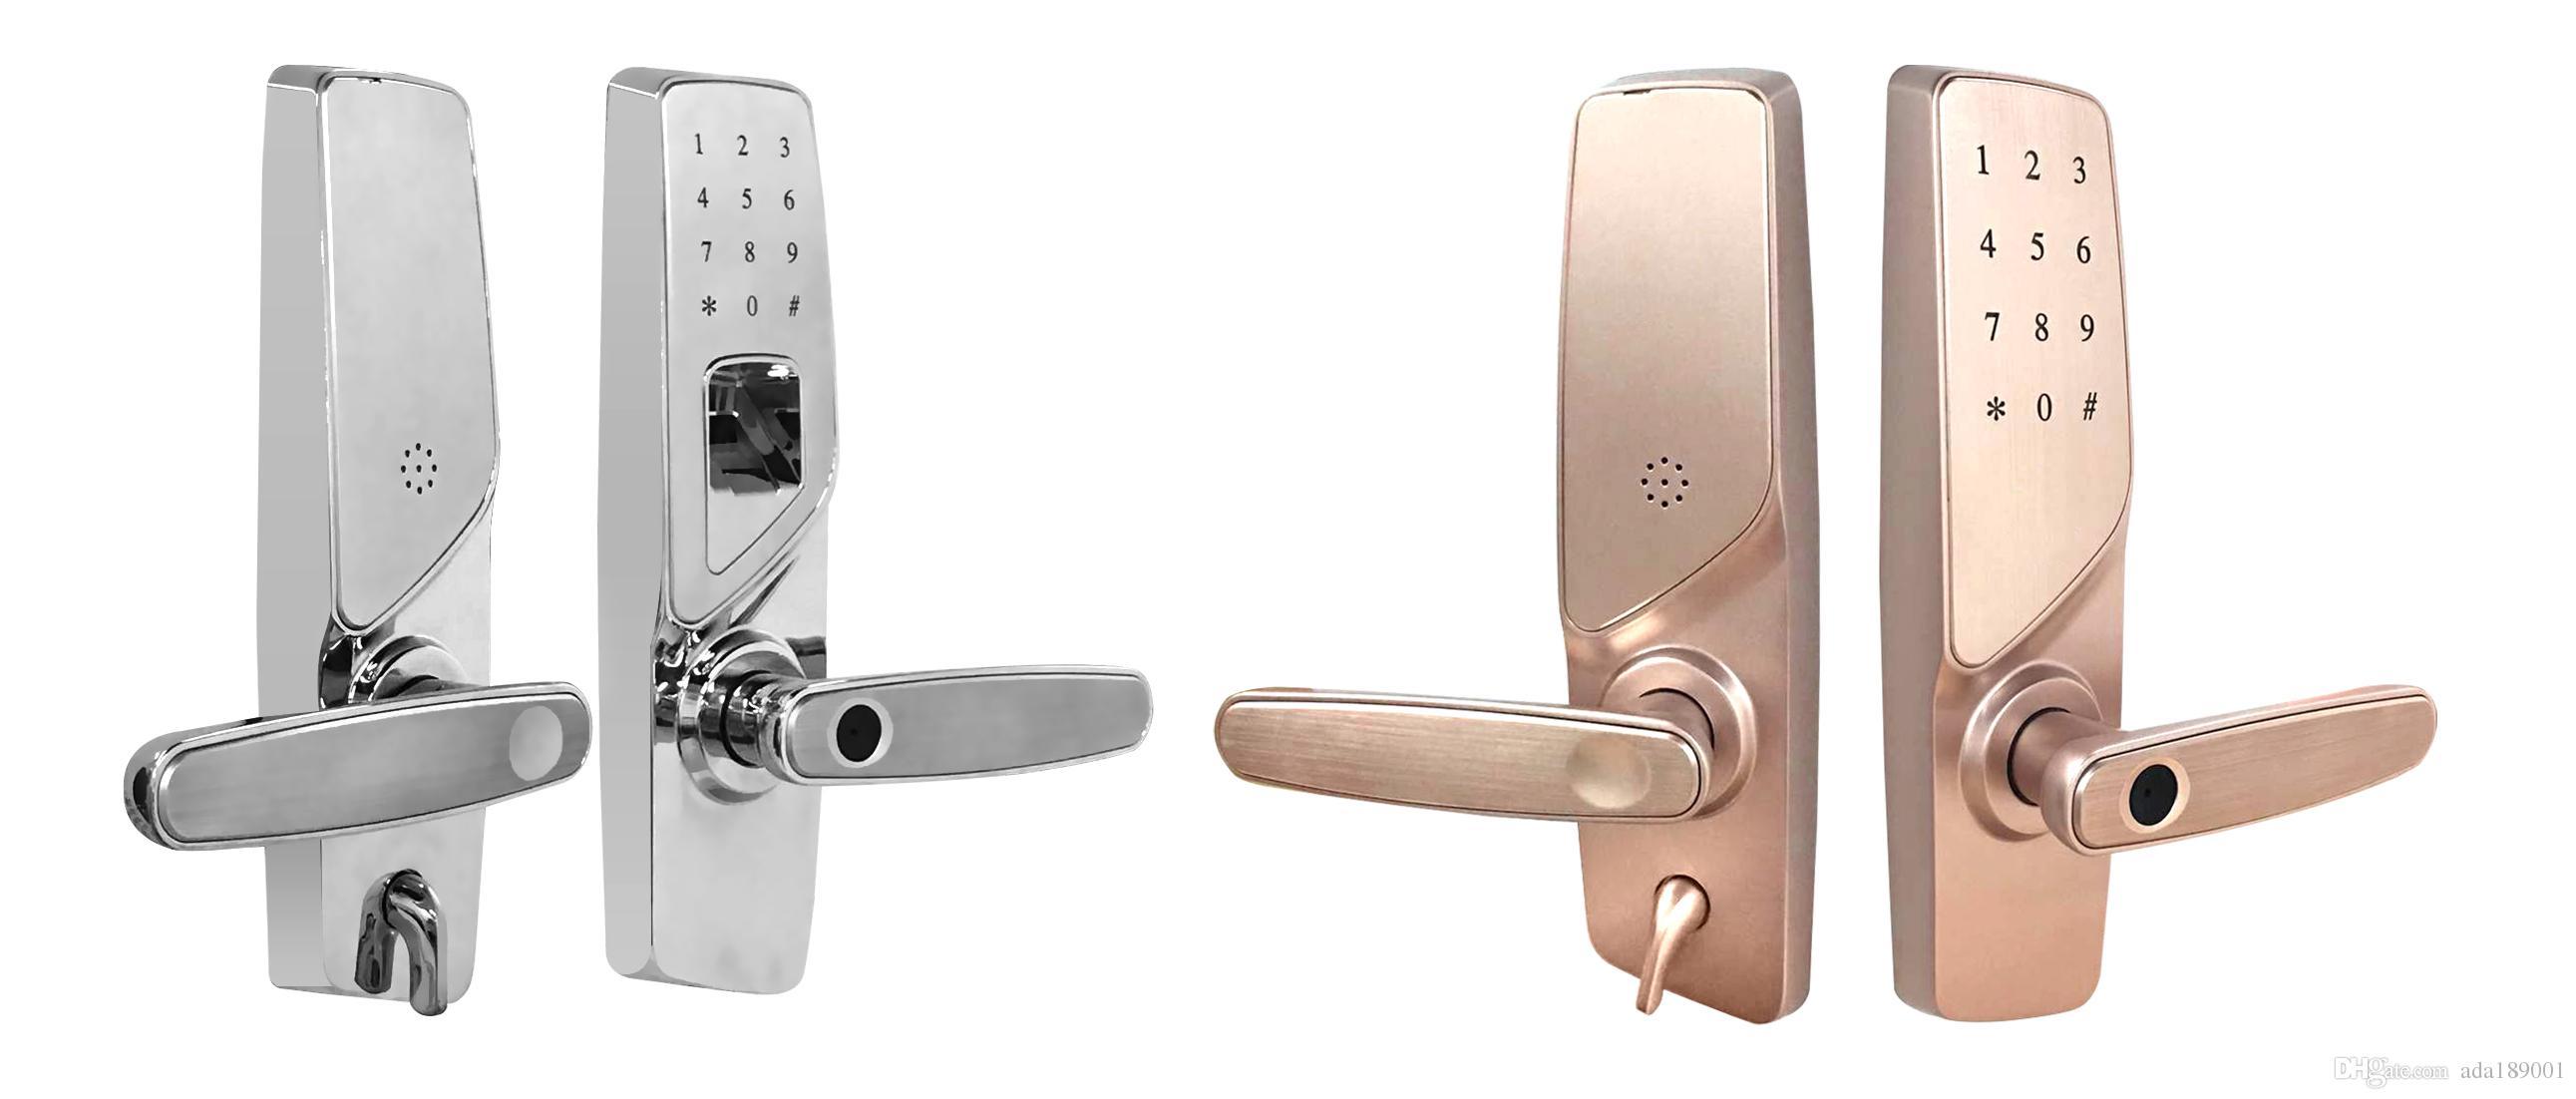 home security door locks. fingerprint lock home security doors combination electronic door steel of wooden the intelligent alarm system locks m